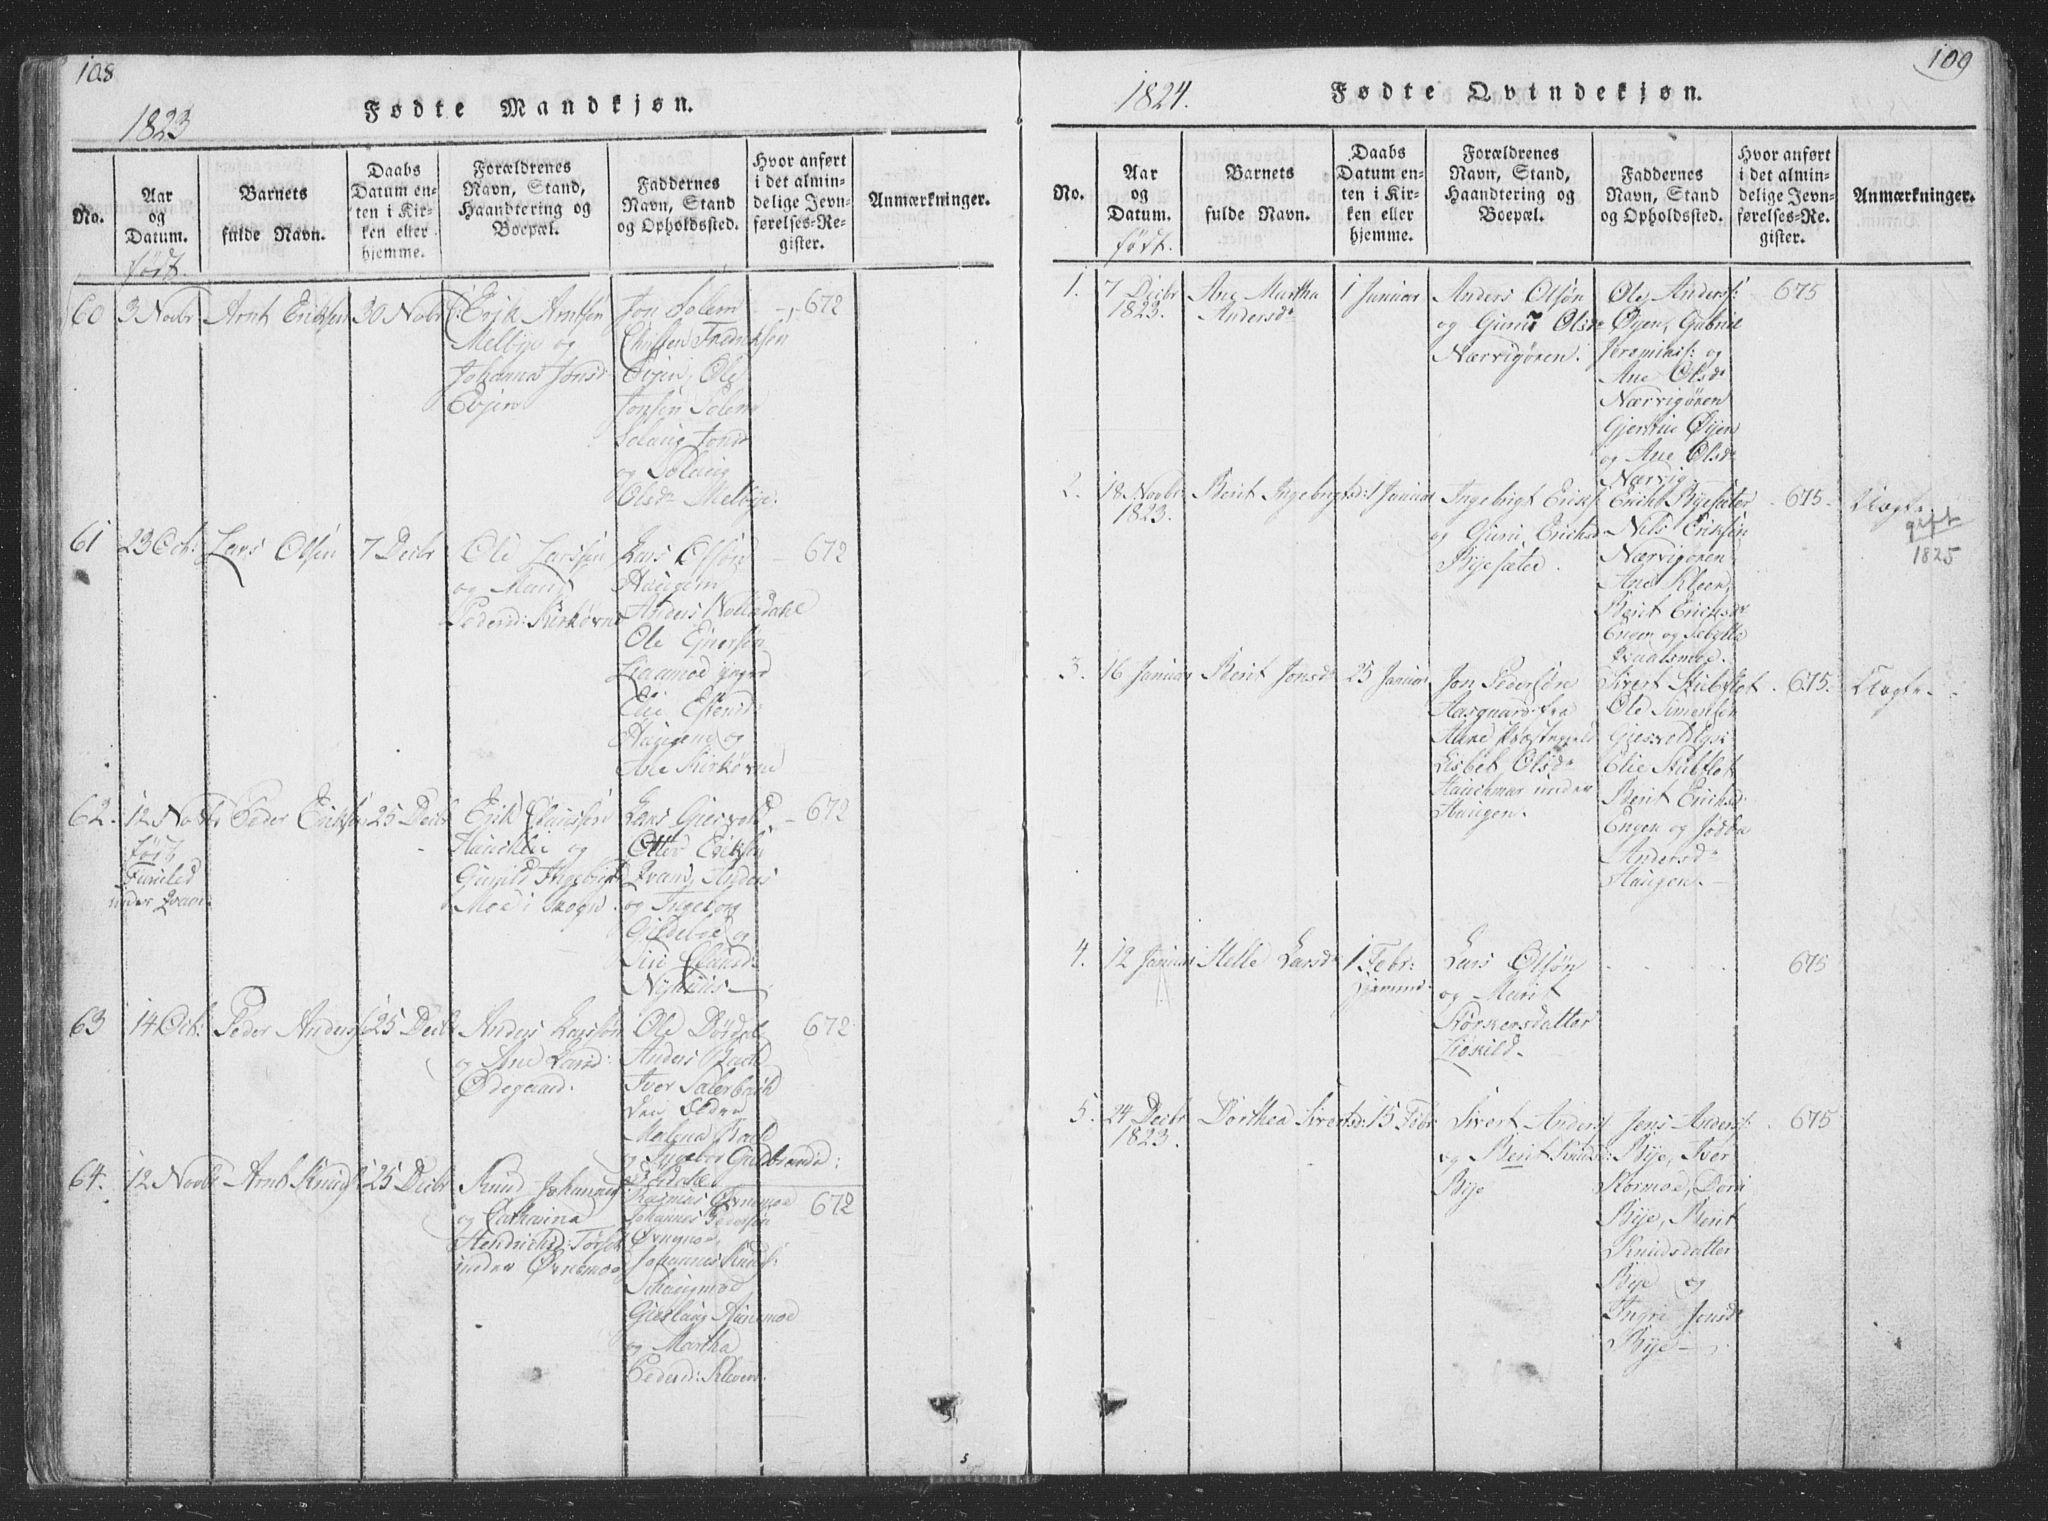 SAT, Ministerialprotokoller, klokkerbøker og fødselsregistre - Sør-Trøndelag, 668/L0816: Klokkerbok nr. 668C05, 1816-1893, s. 108-109